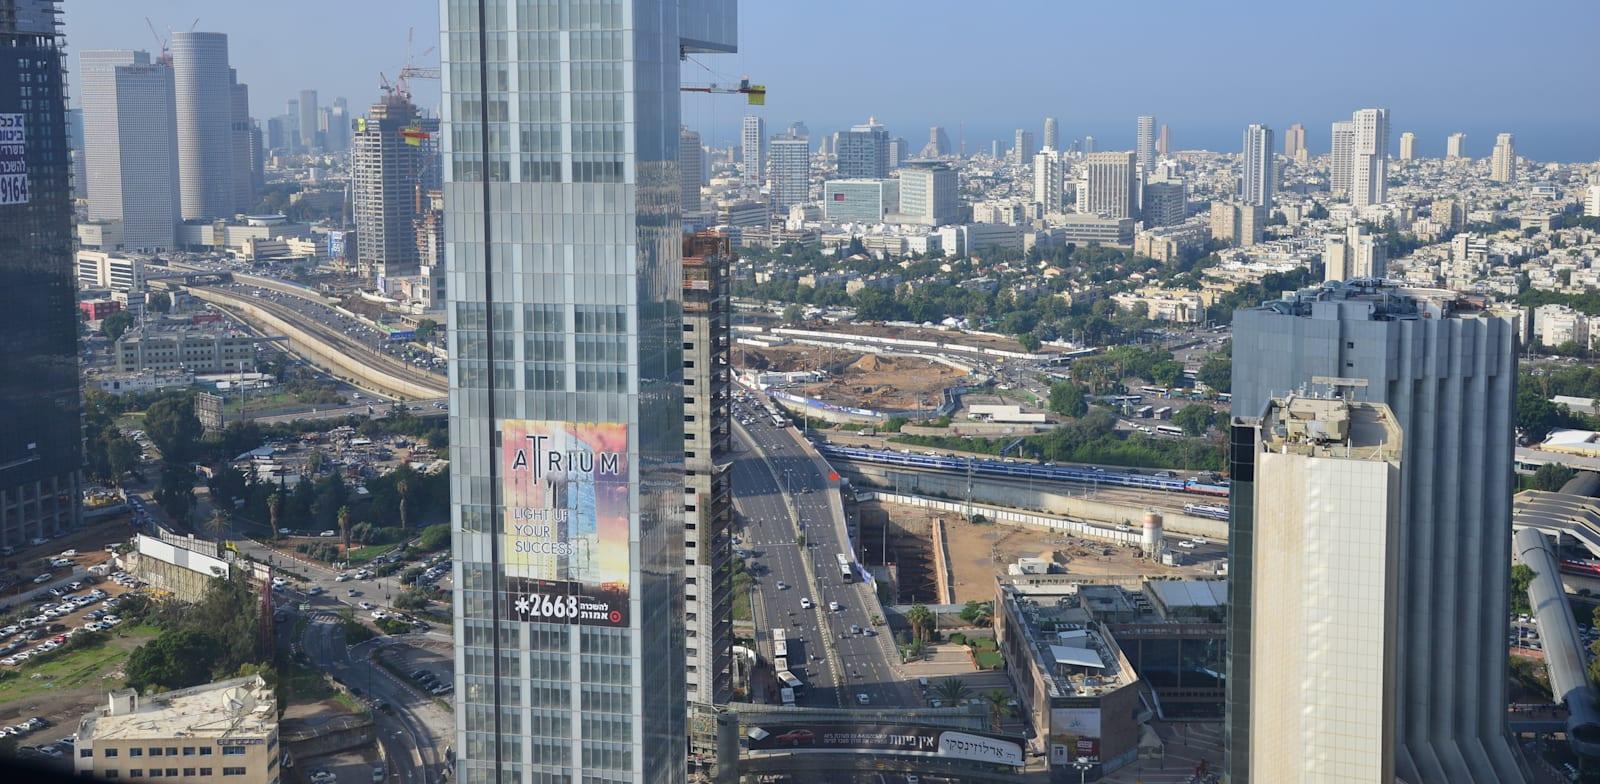 מגדל אטריום, רמת גן והסביבה / צילום: תמר מצפי